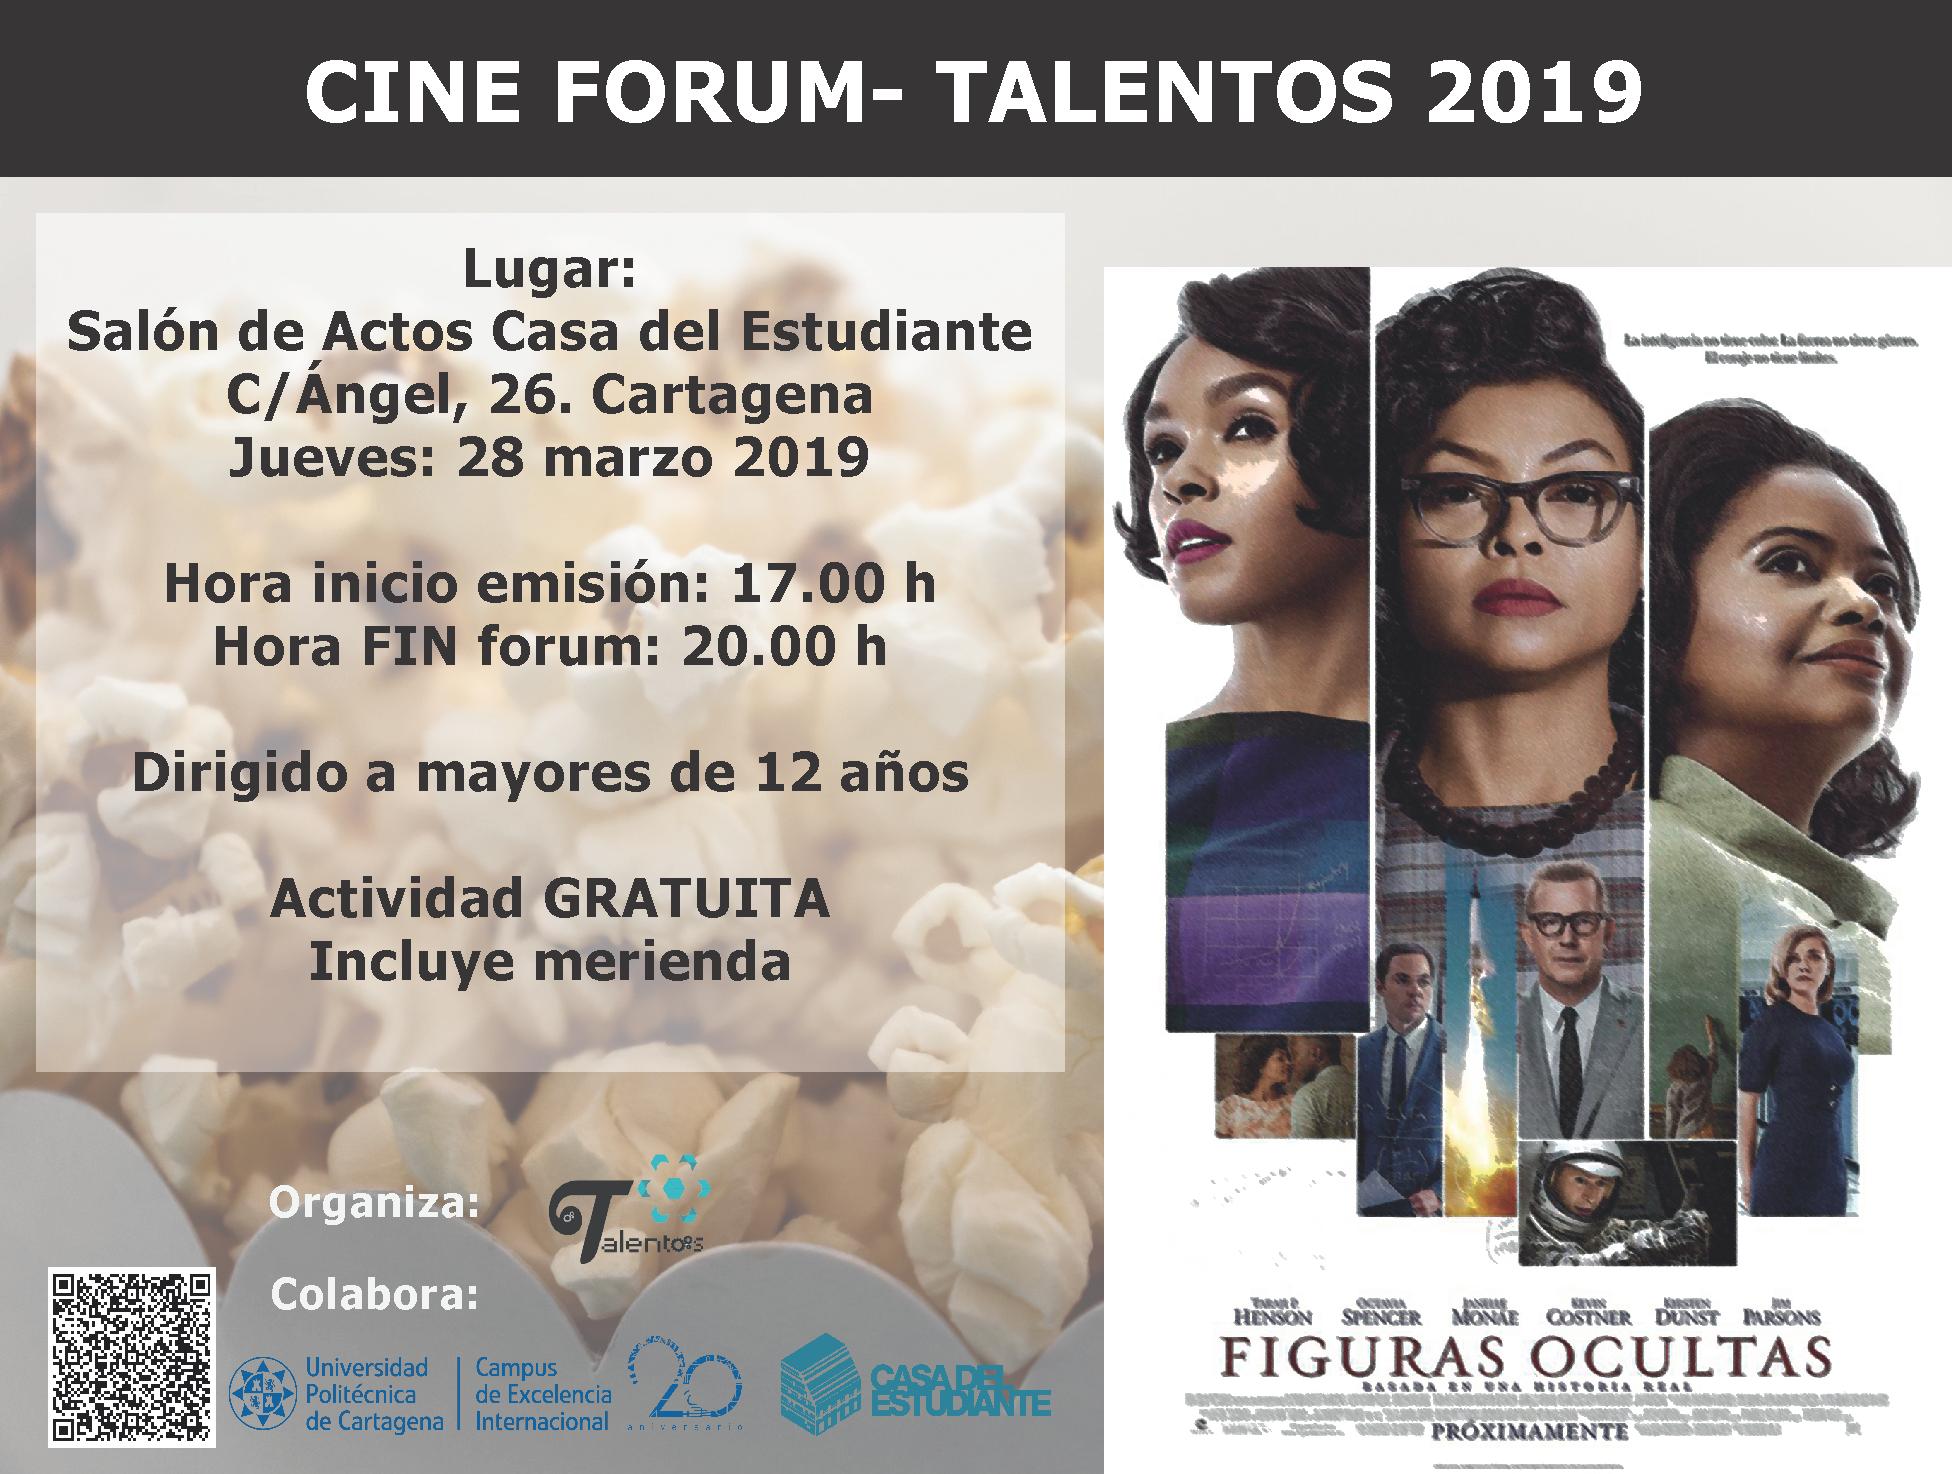 Nueva Edición Del Cineforum Con La Proyección De «Figuras Ocultas»